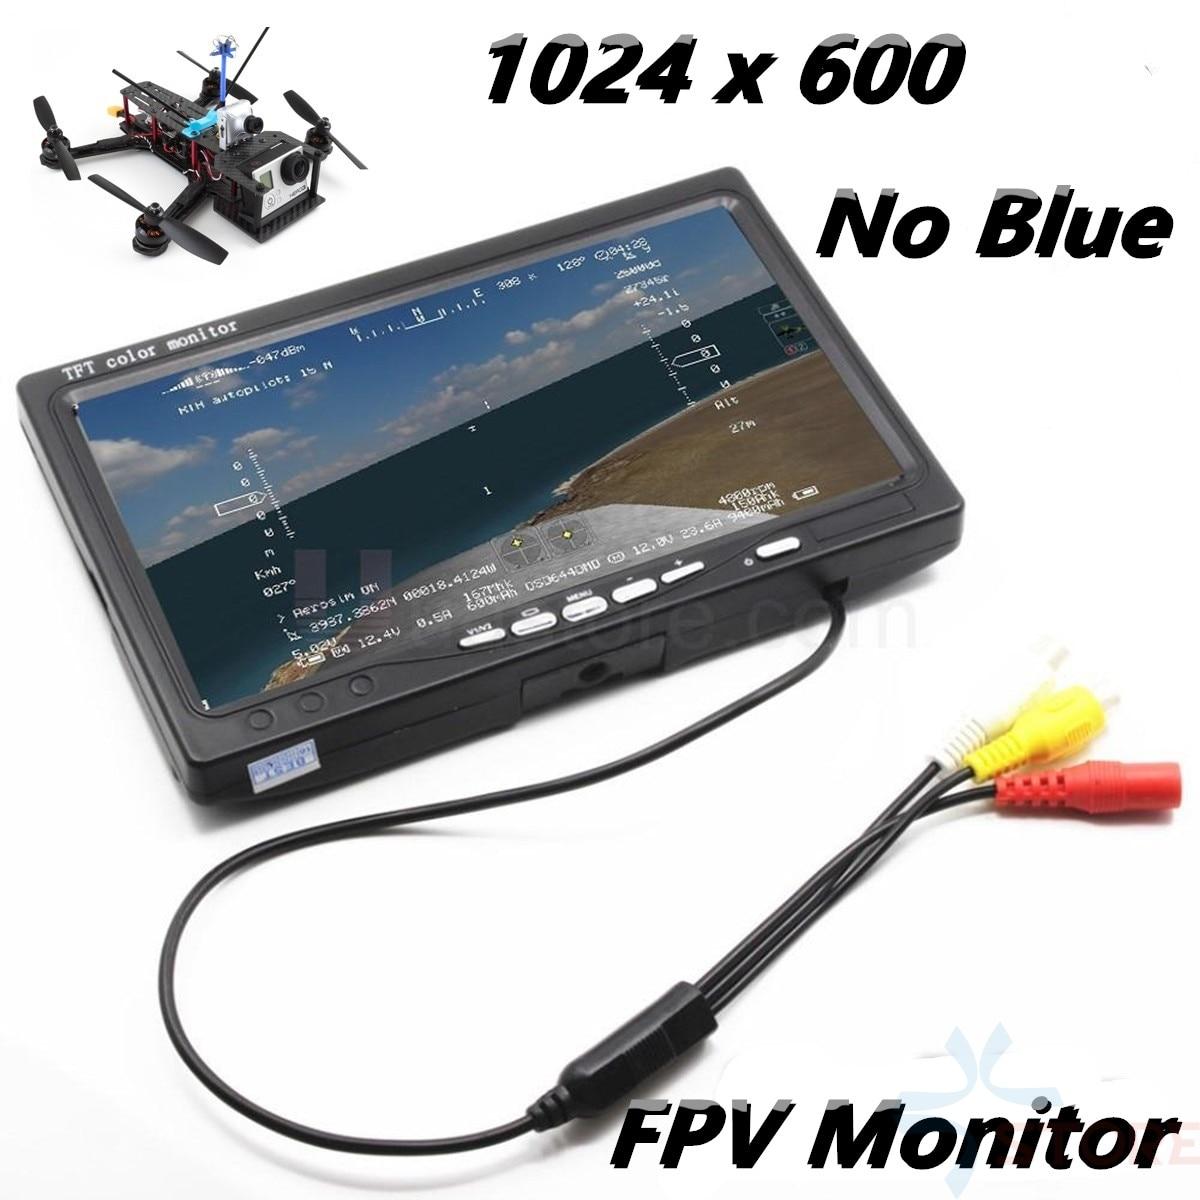 Mais novo ips 7 polegada lcd tft fpv 1024x600 monitor de tela controle remoto fpv monitor fotografia sunhood para estação à terra